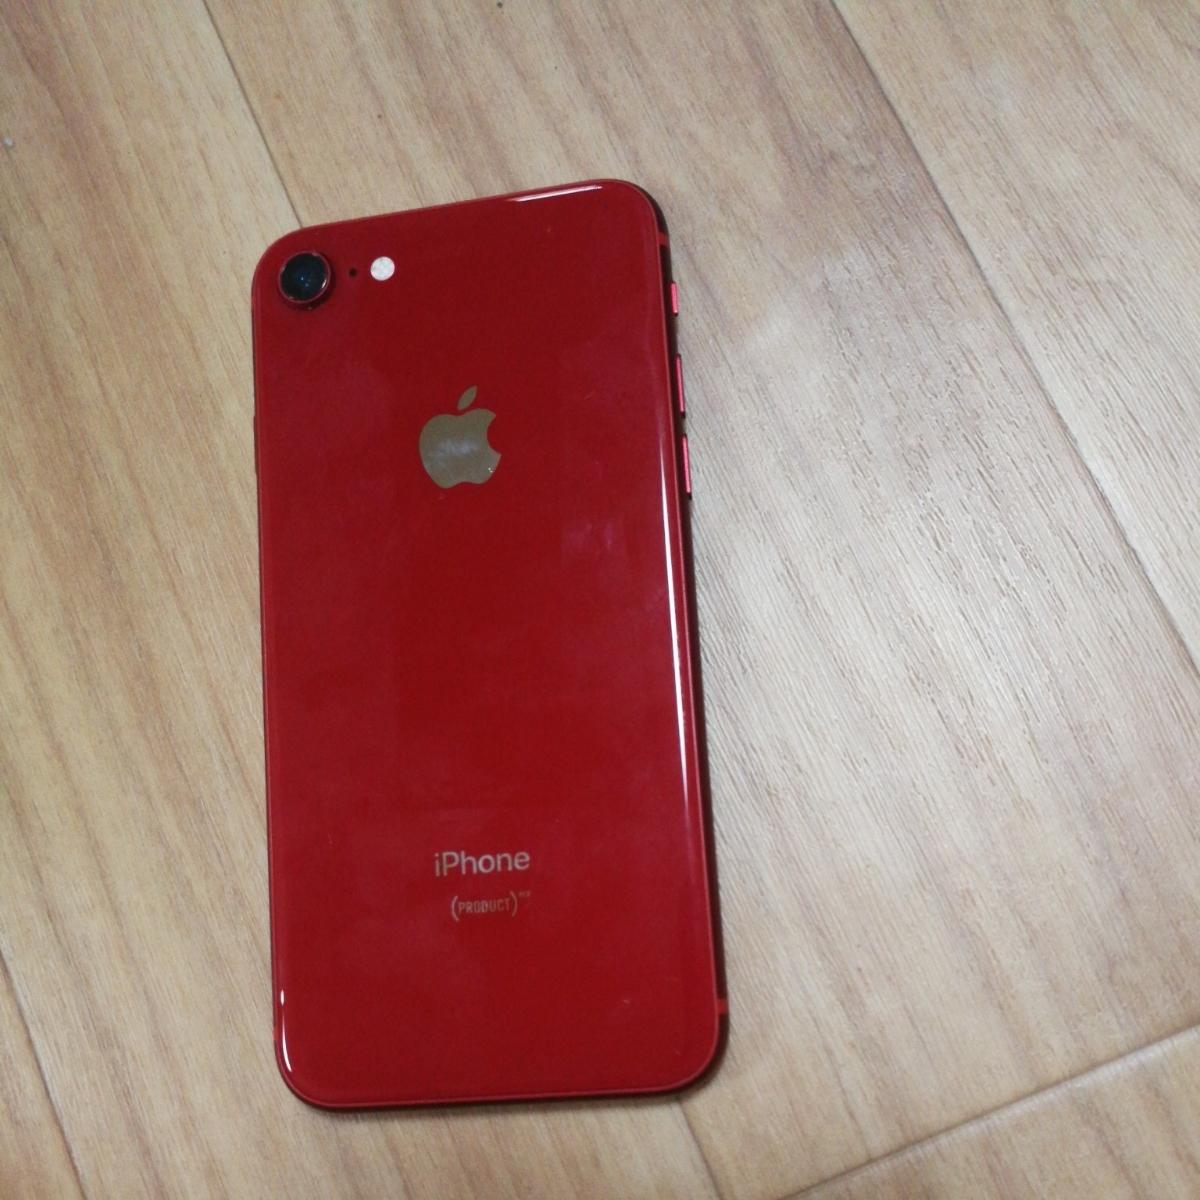 SIMフリーキズ無し iphone8 64gb レッド